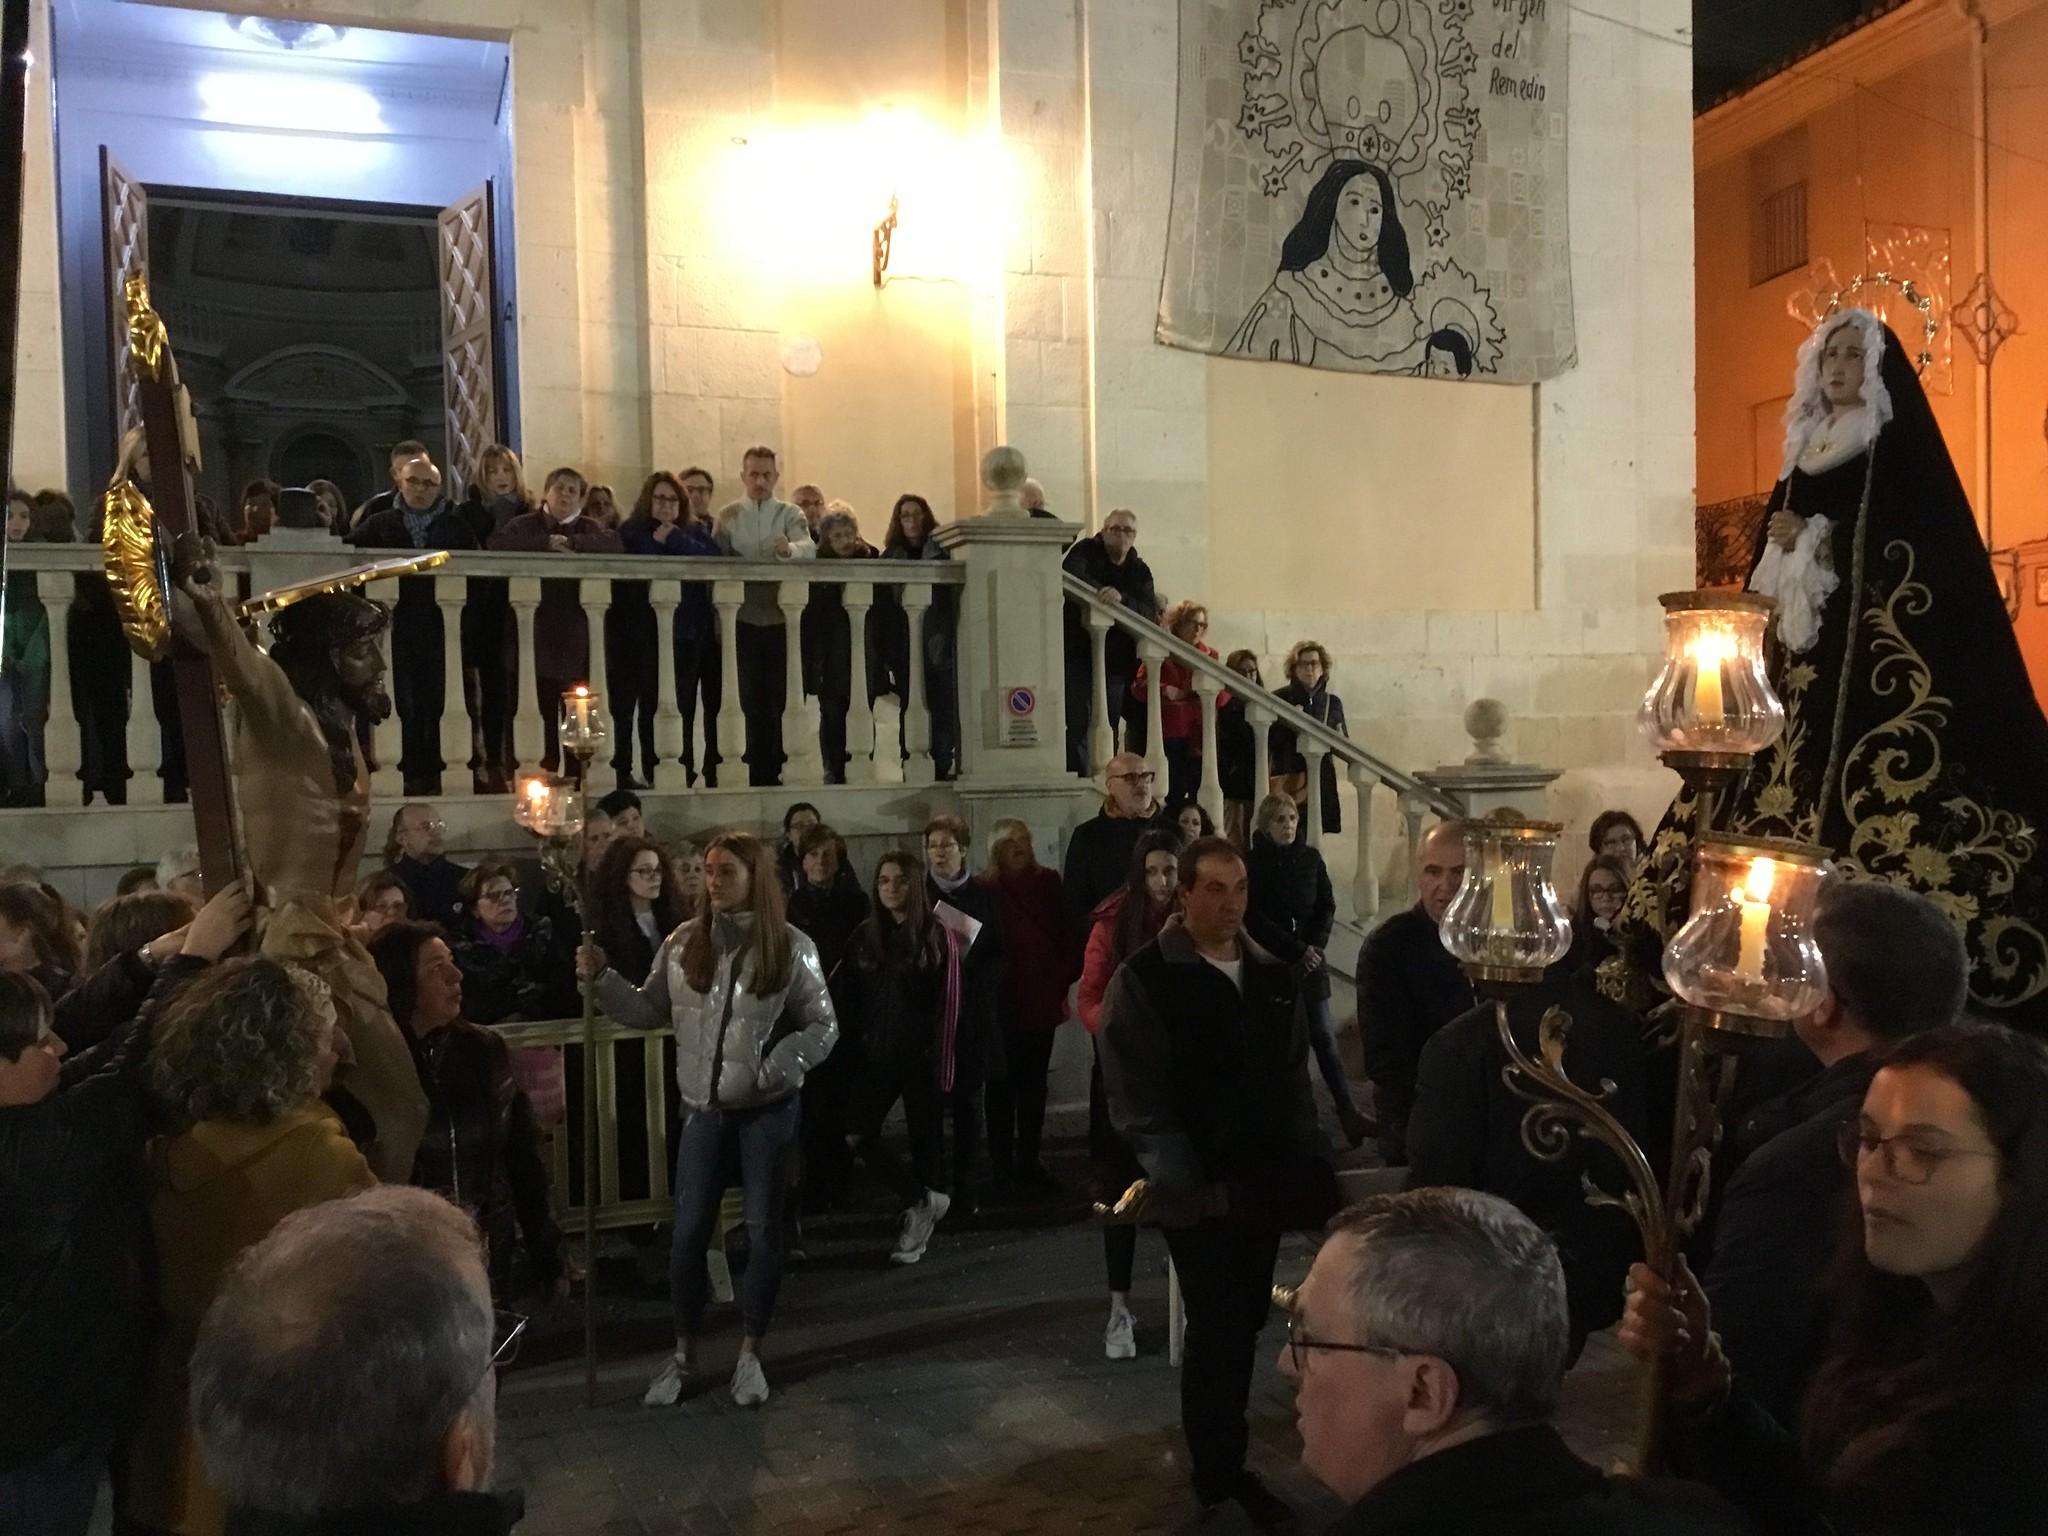 (2019-04-12) - X Vía Crucis nocturno - Diario El Carrer (32)